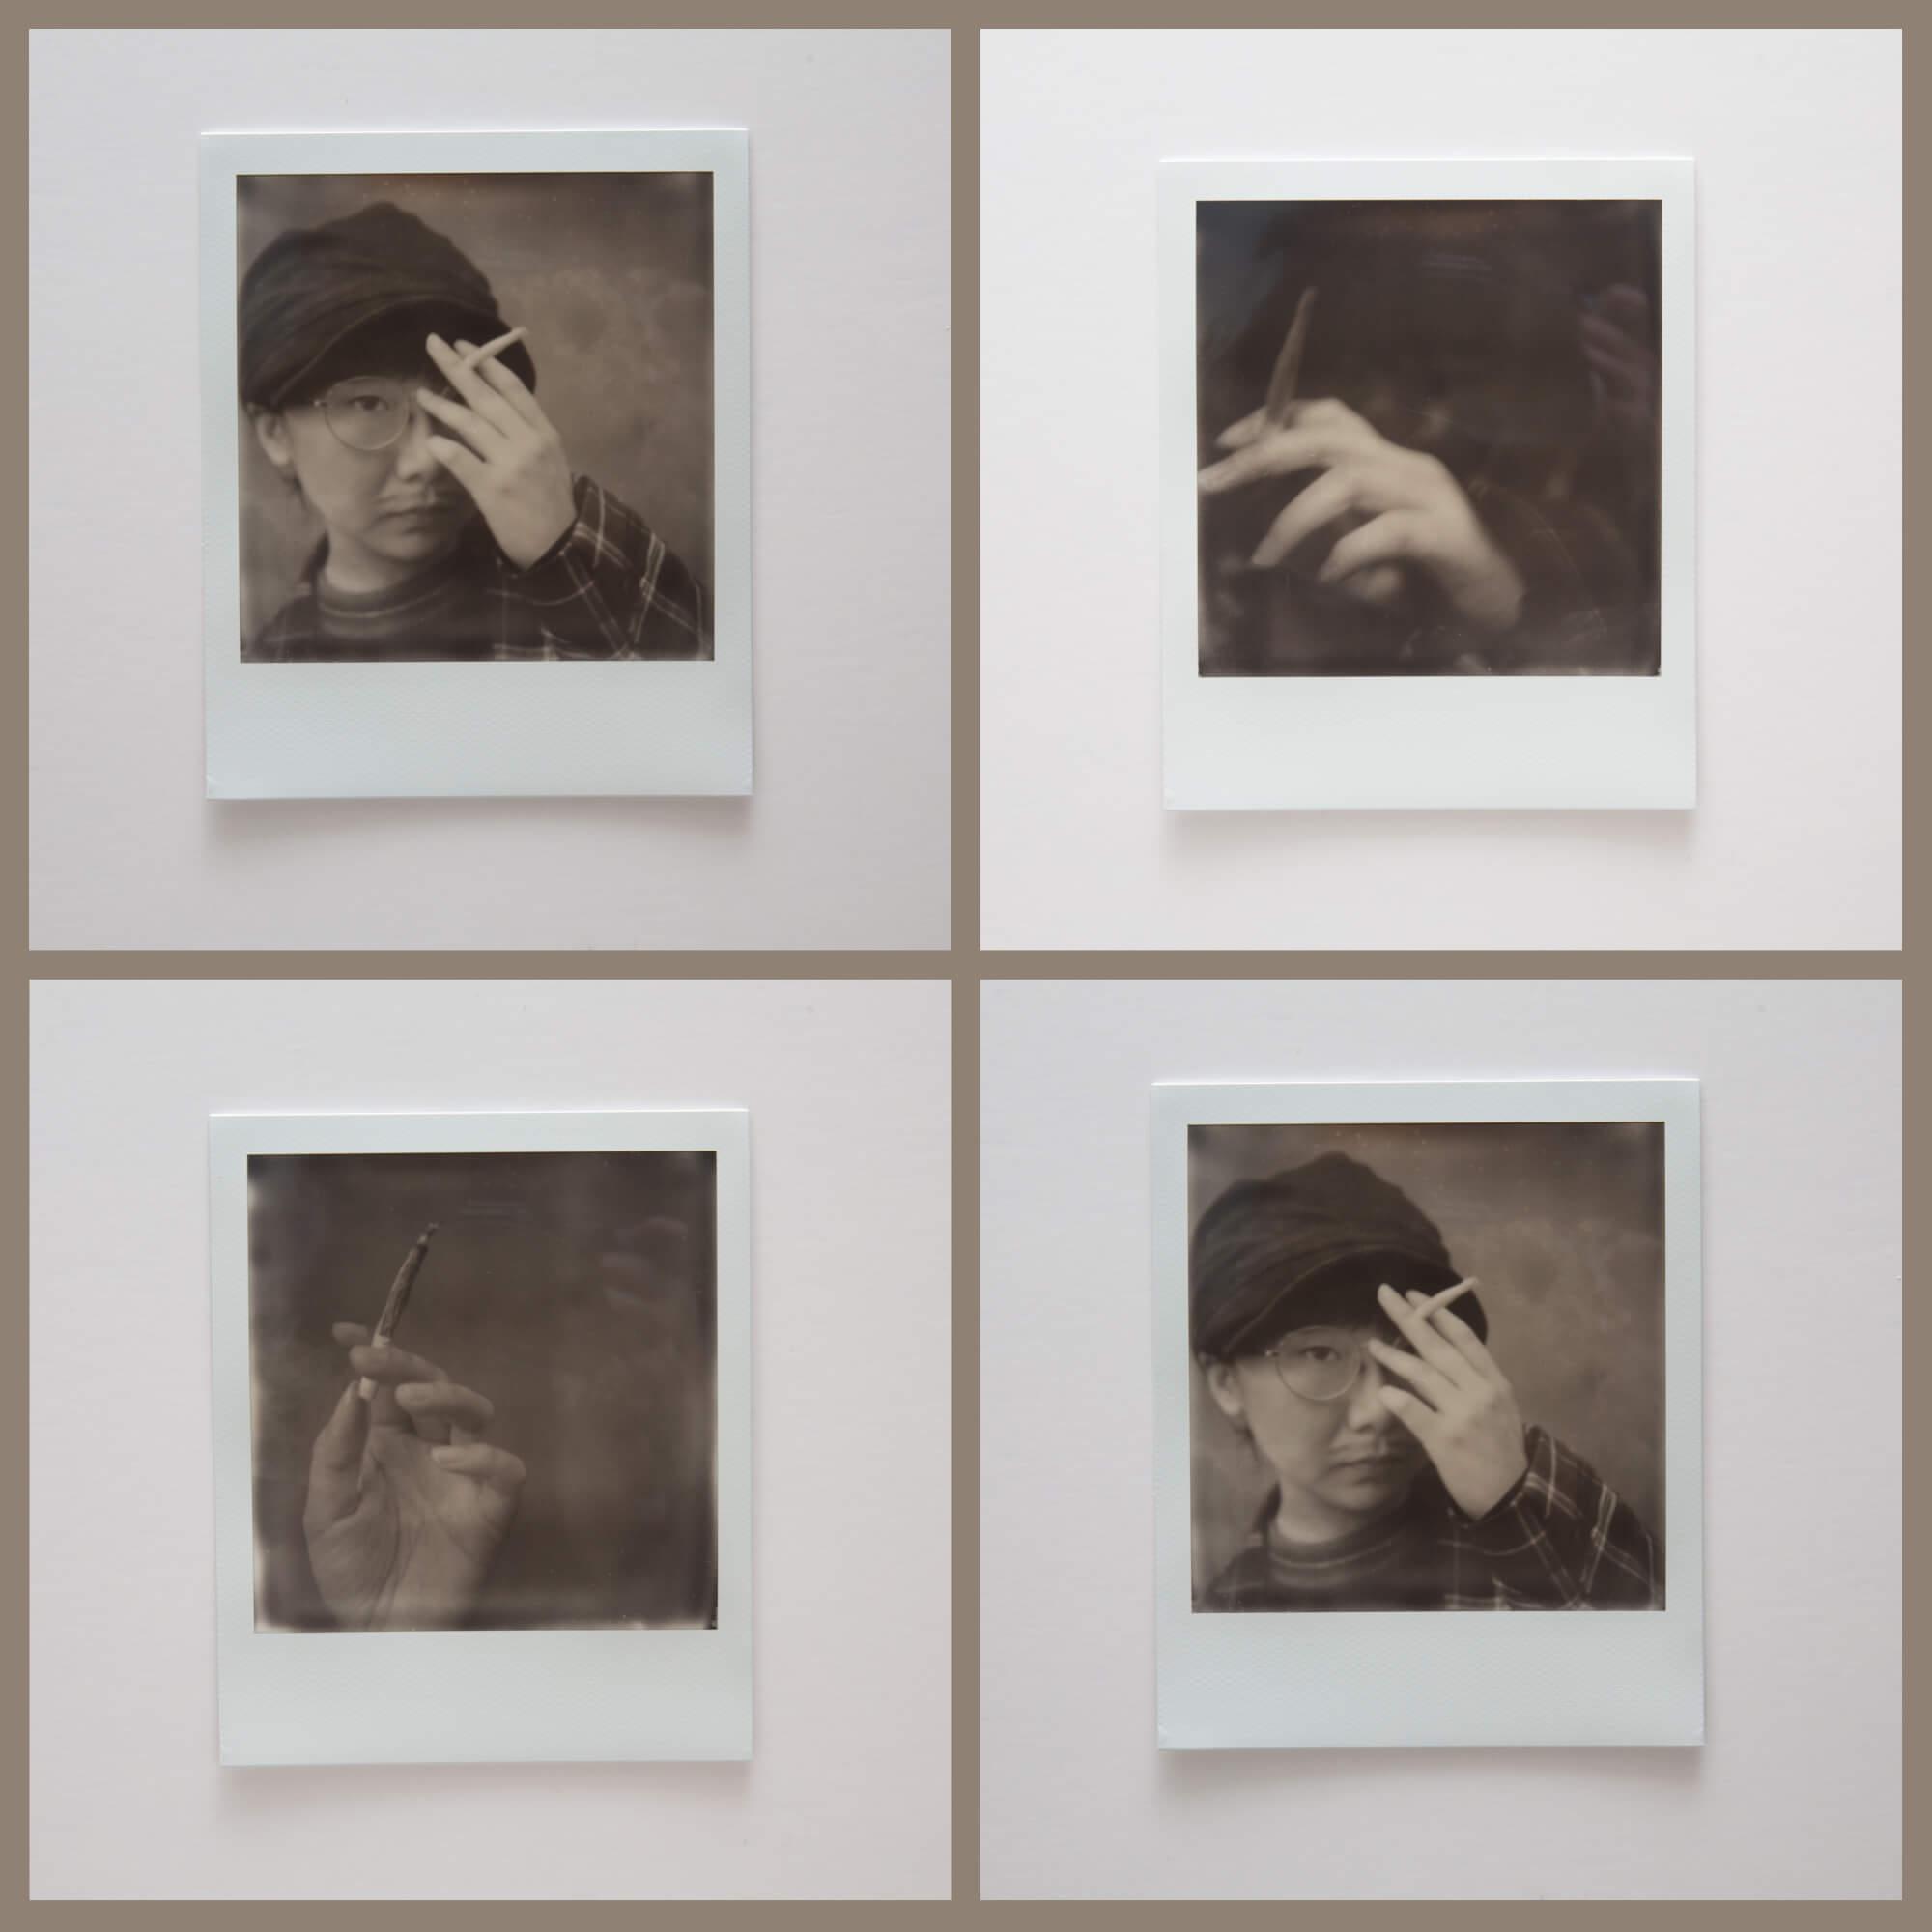 貪玩的時候只好在家戴一頂帽,畫畫鬚根,影一兩張自拍,滿足自己的想像。